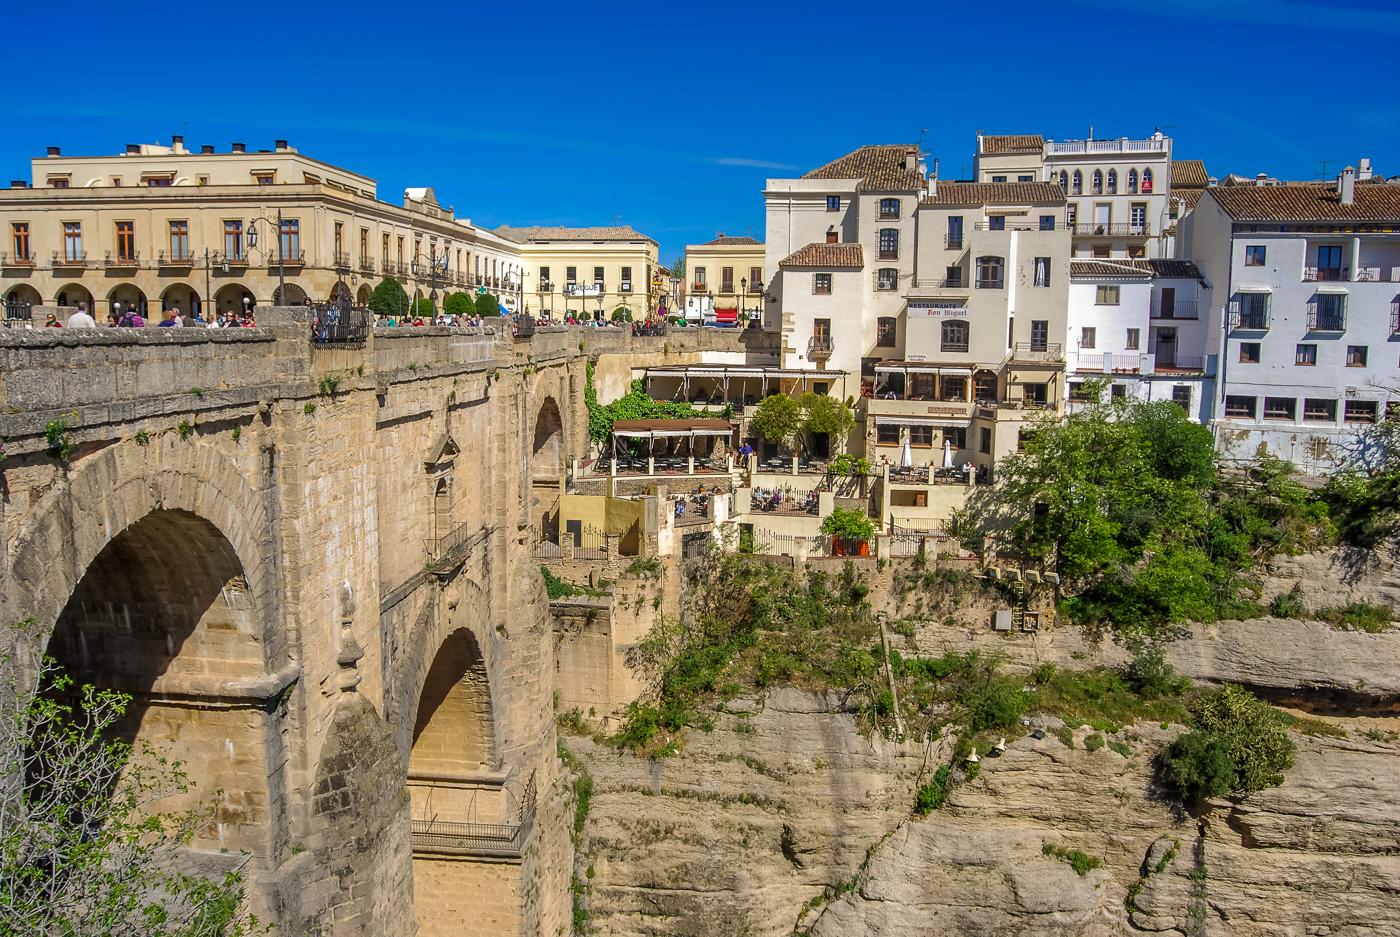 S-cape-Ronda-and-Seville-Puente-Nuevo-11